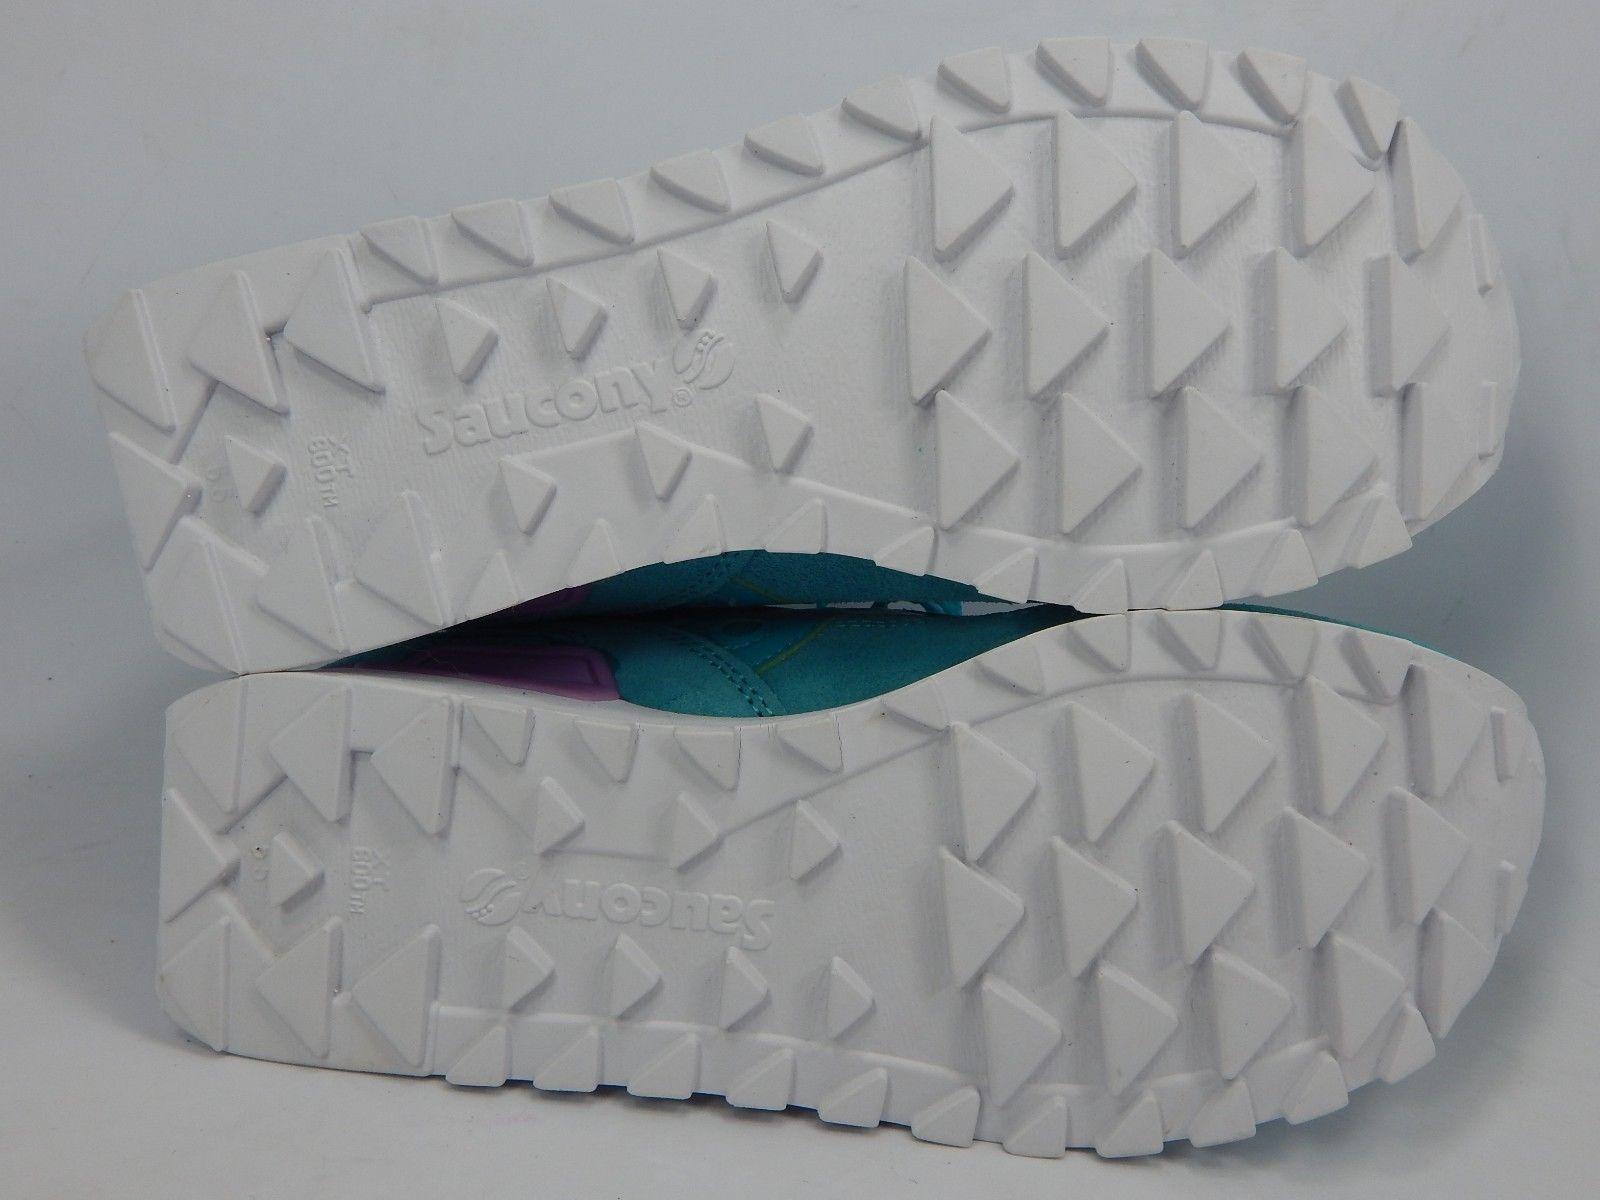 Saucony Shadow Original S1108-652 Baltic Women's Running Shoes Sz 7 M (B) EU 38